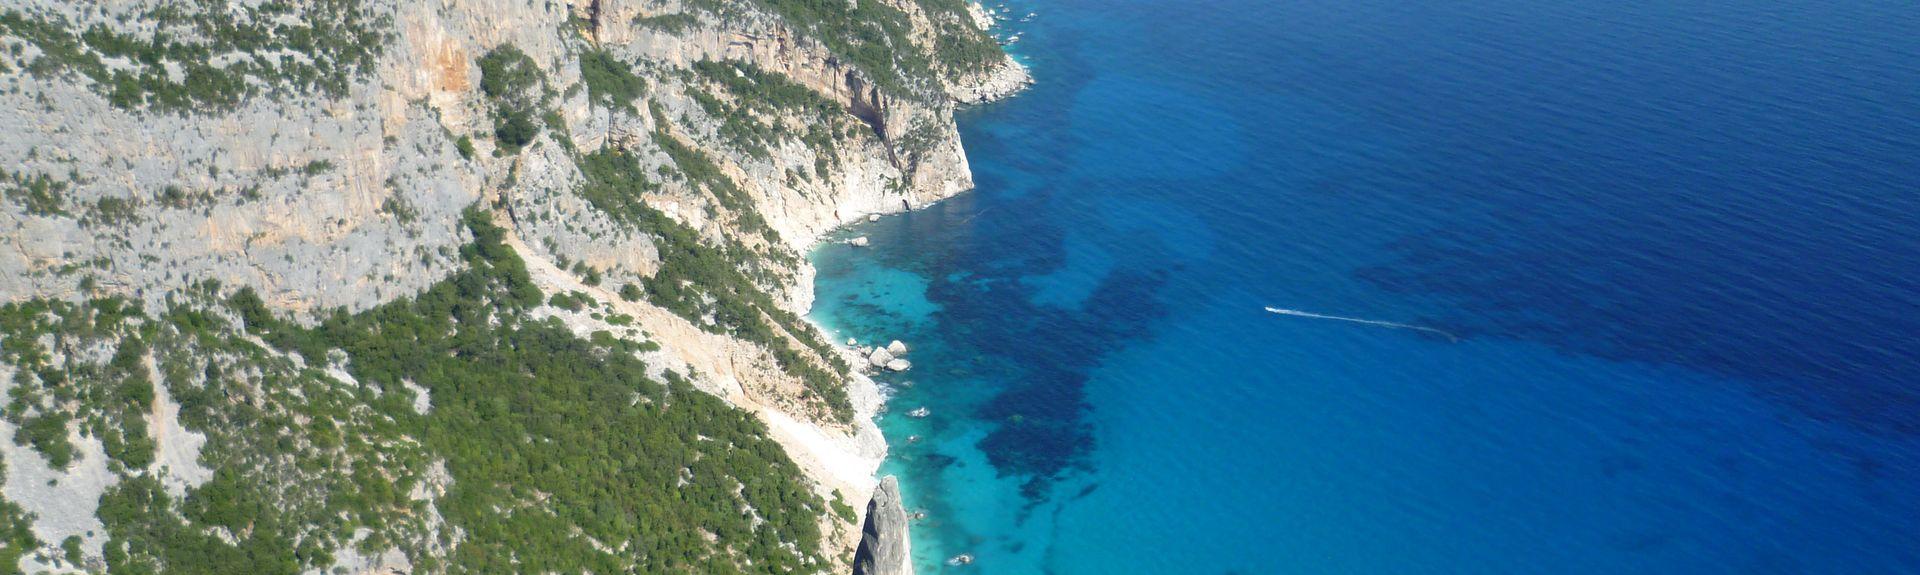 Su Petrosu Beach, Orosei, Sardinia, Italy